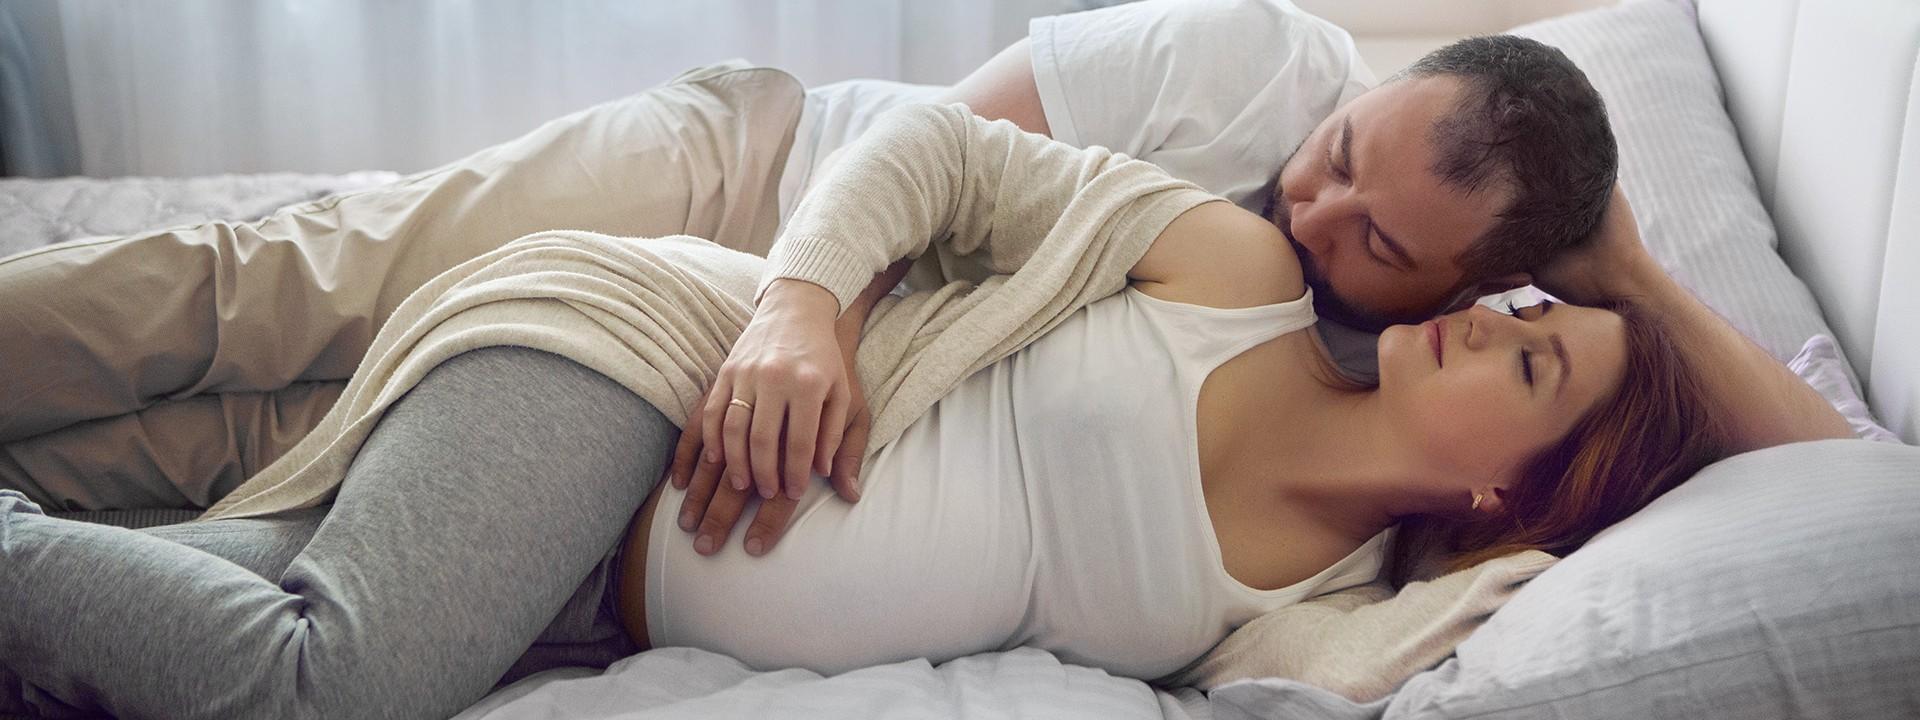 Mann sitzt lächelnd auf dem Sofa und seine schwangere Frau legt ihren Kopf in seinen Schoß während sie gemeinsam den Babybauch streicheln.